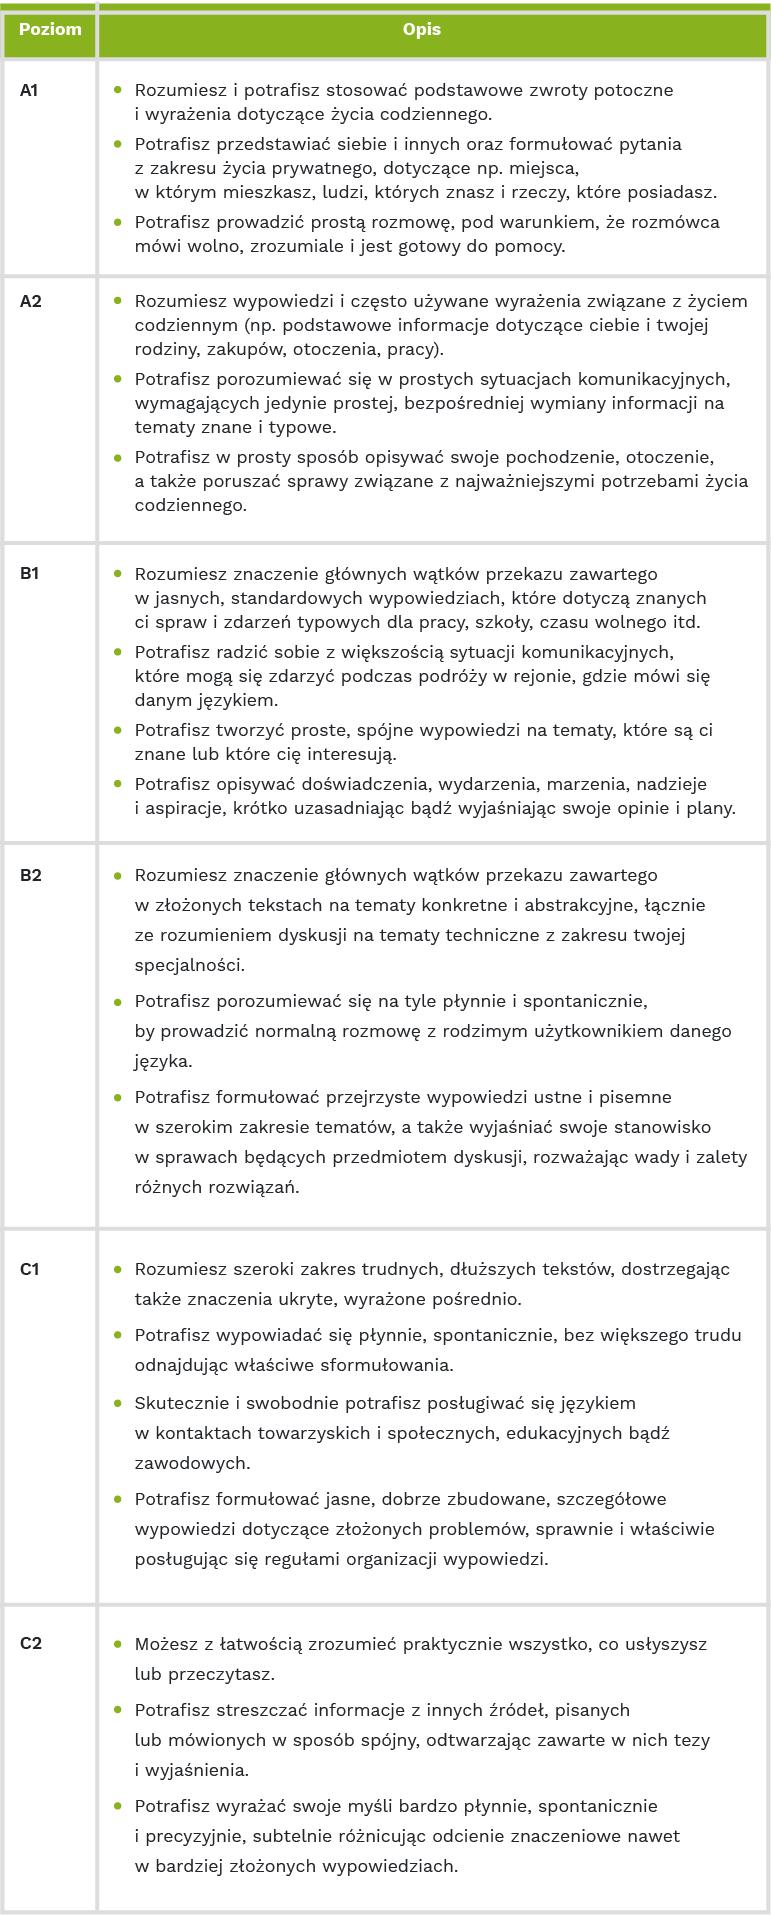 opis poziomów znajomości języka wCV